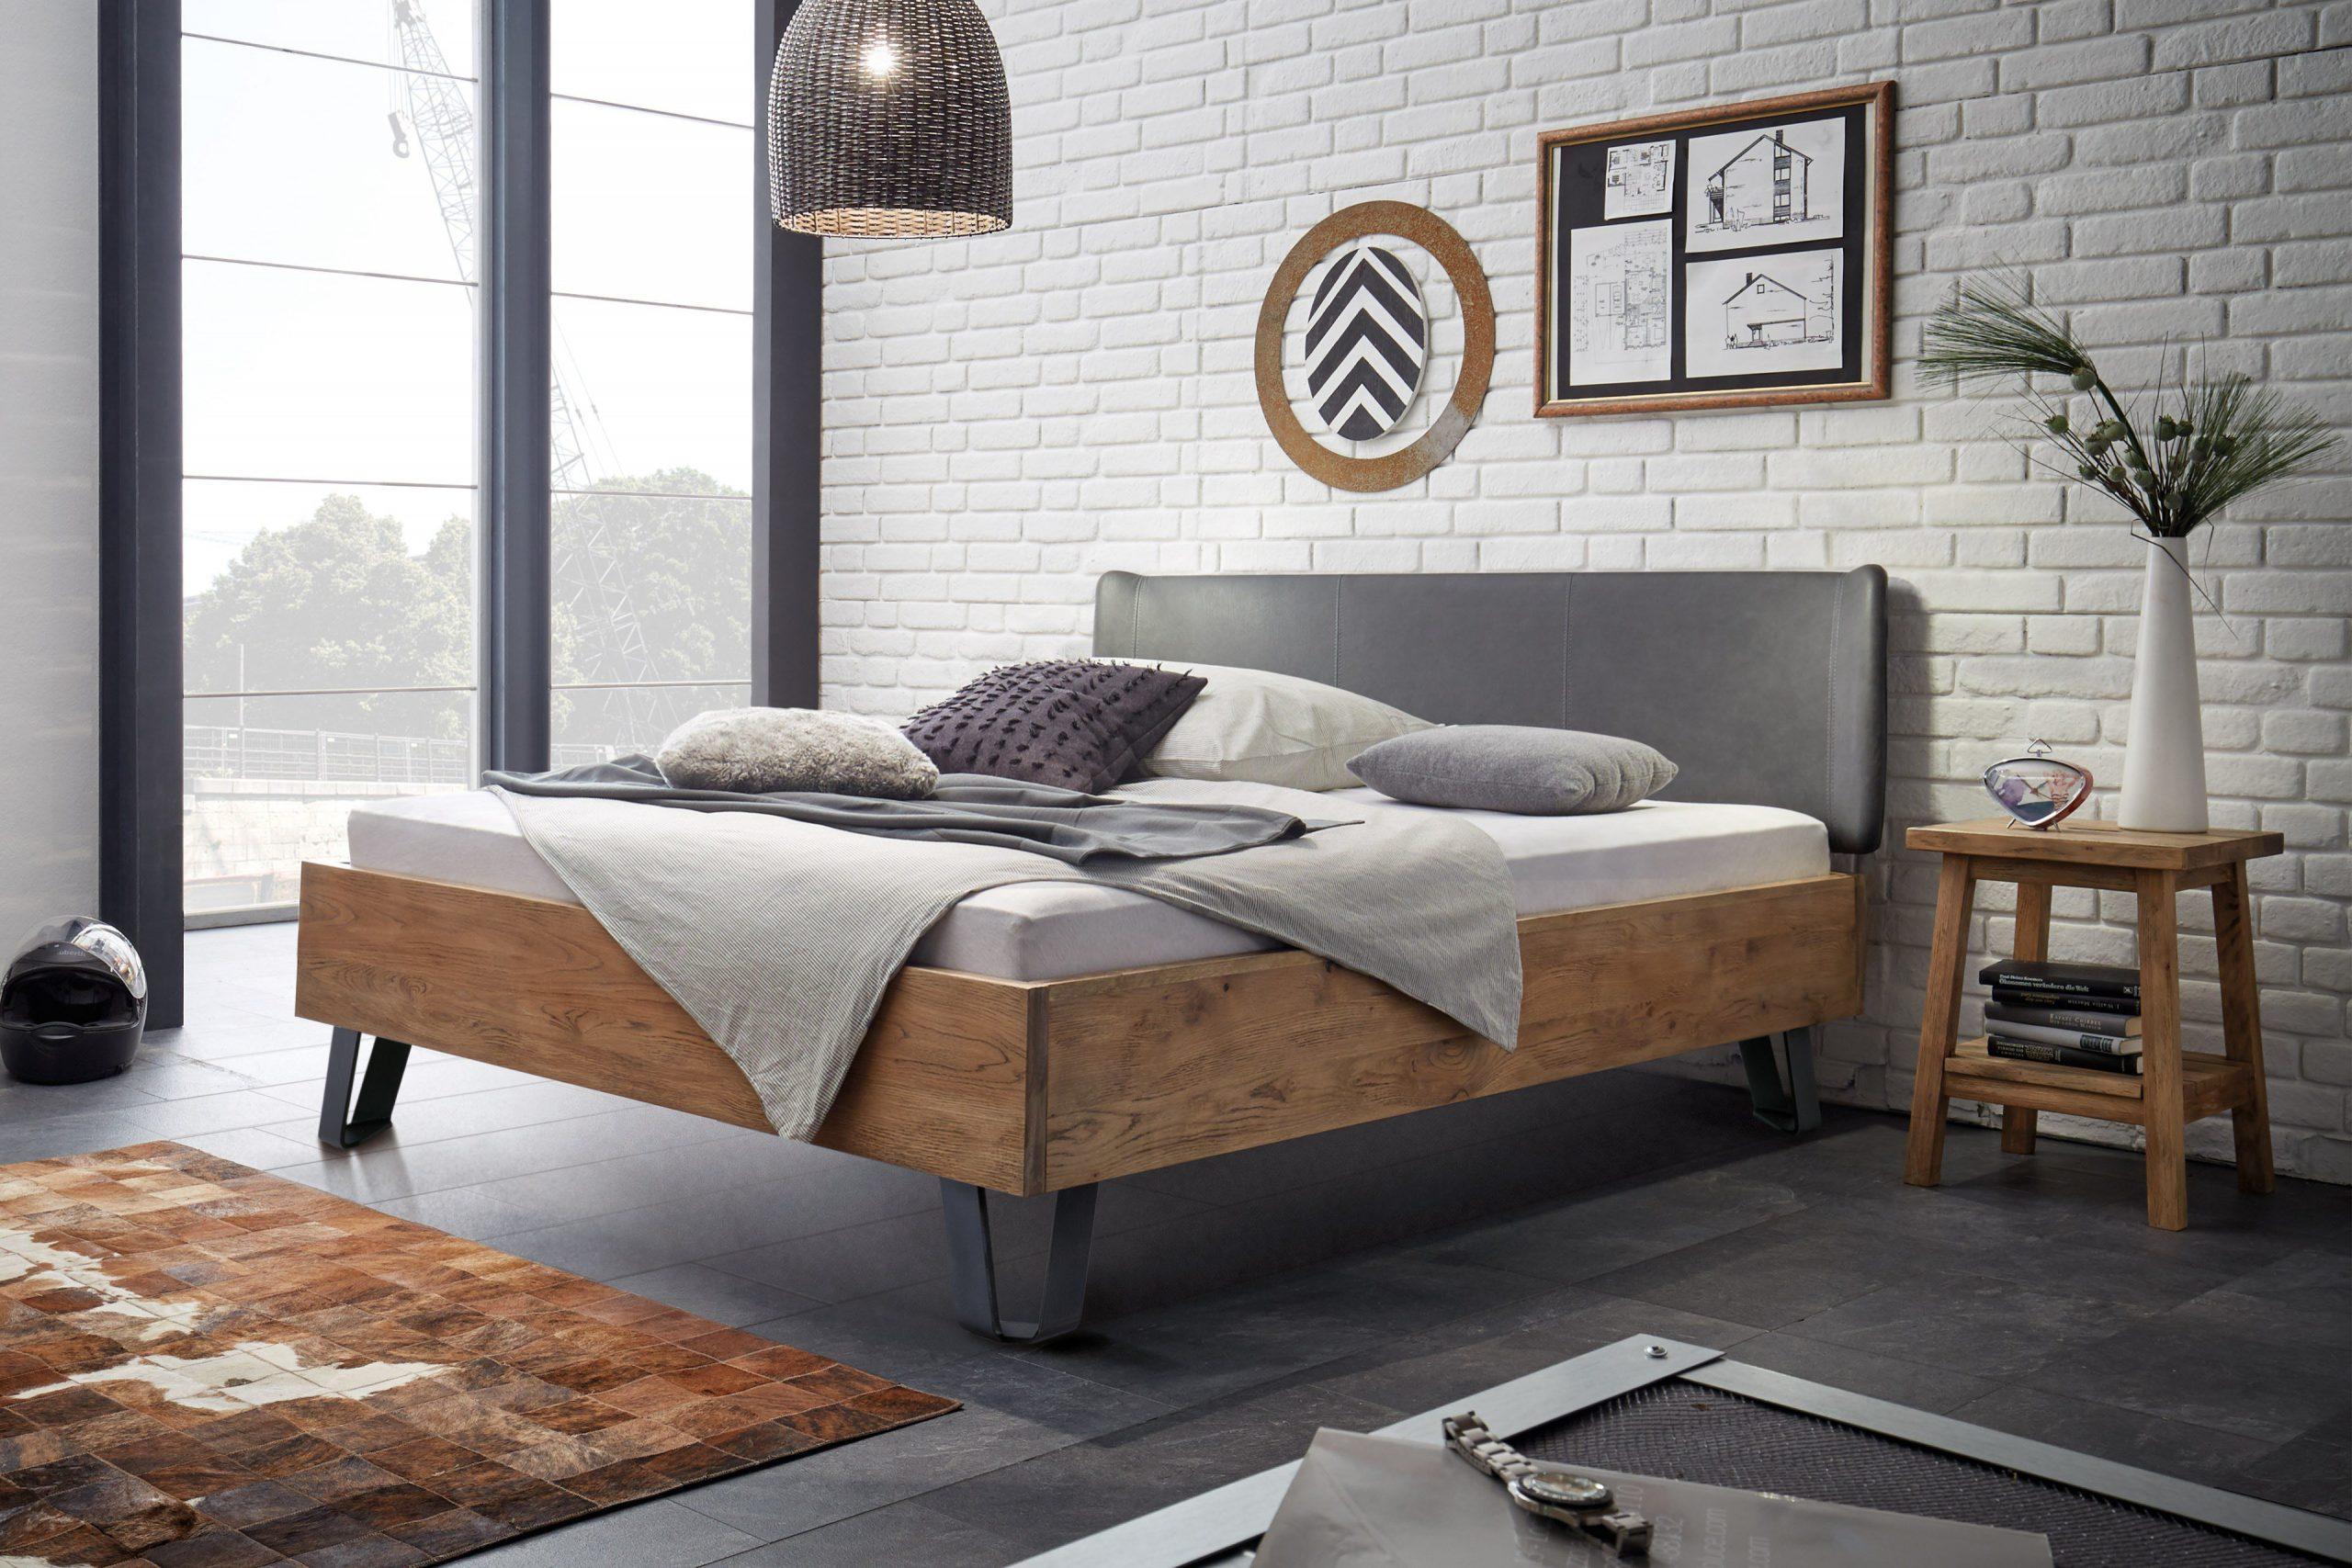 Full Size of Betten Berlin Amazon 180x200 Paidi Bett Kaufen 140x200 Rustikales Weißes Aus Holz Nolte Joop Mit Schubladen 90x200 Weiß 140x220 Französische Ruf Bett Bett Barock